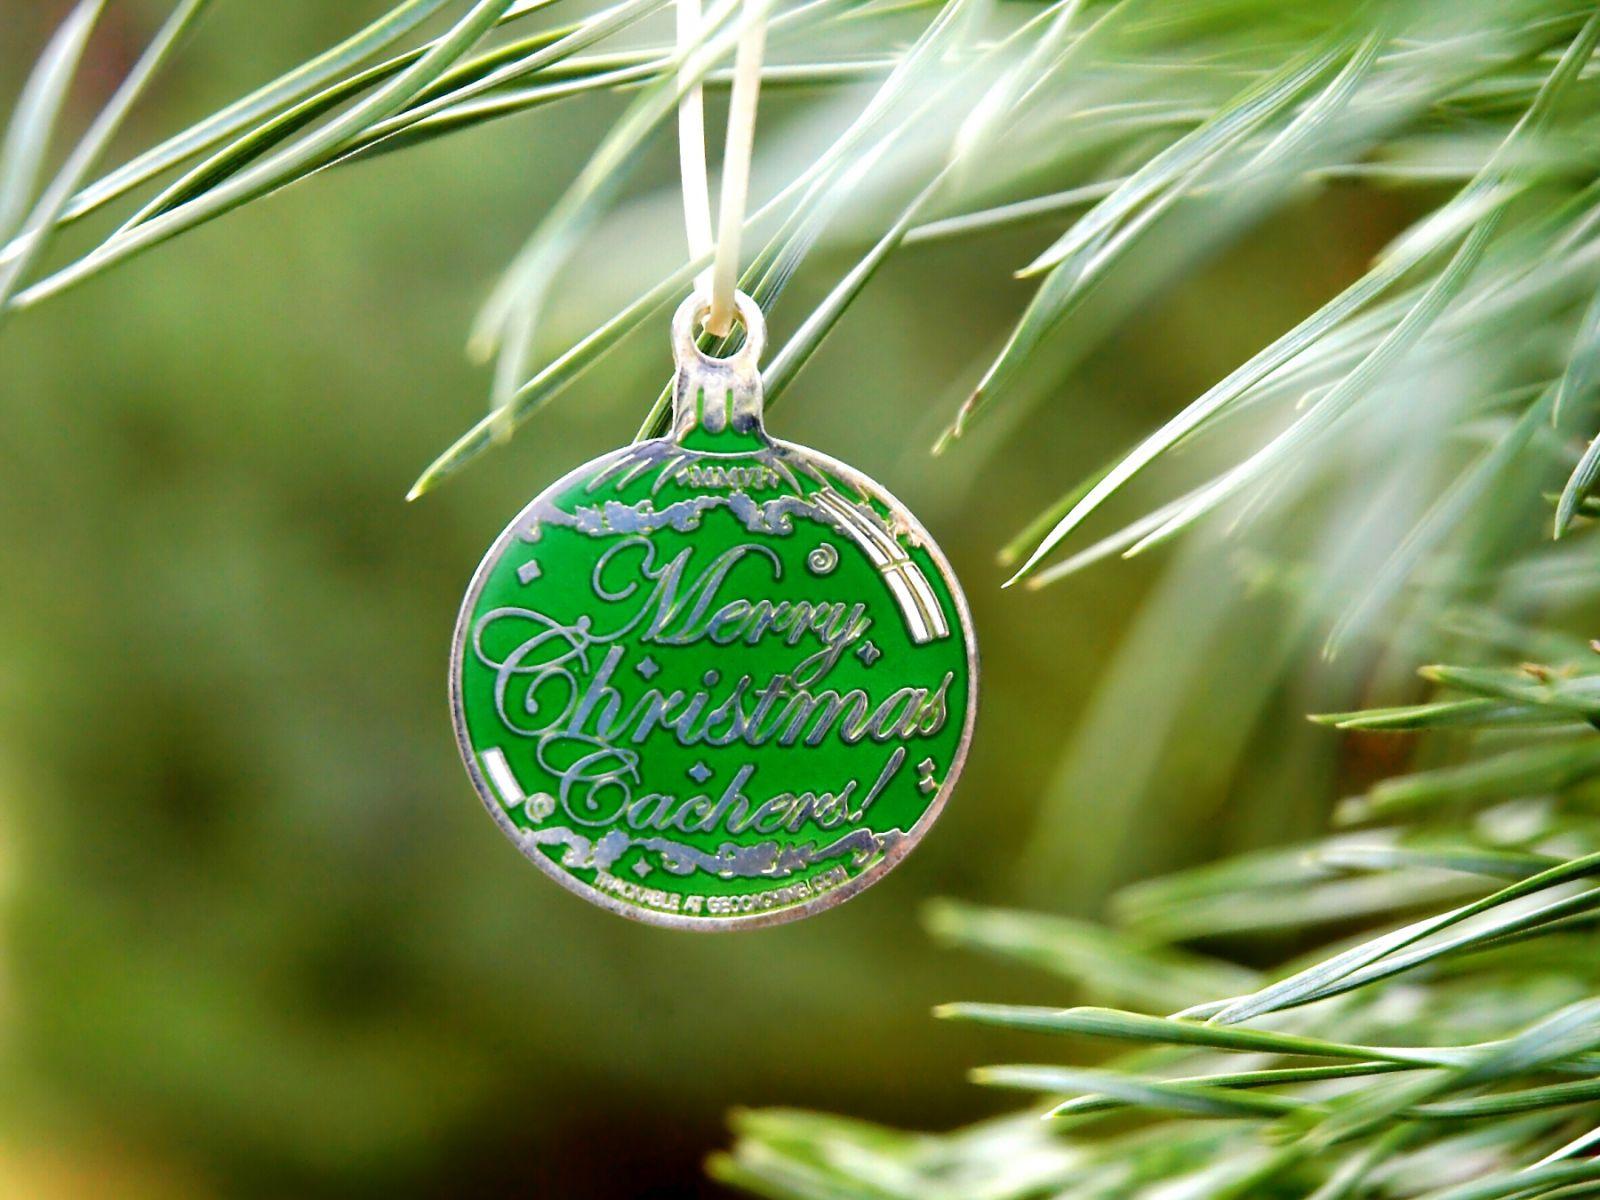 Veselé Vánoce, kačeři!